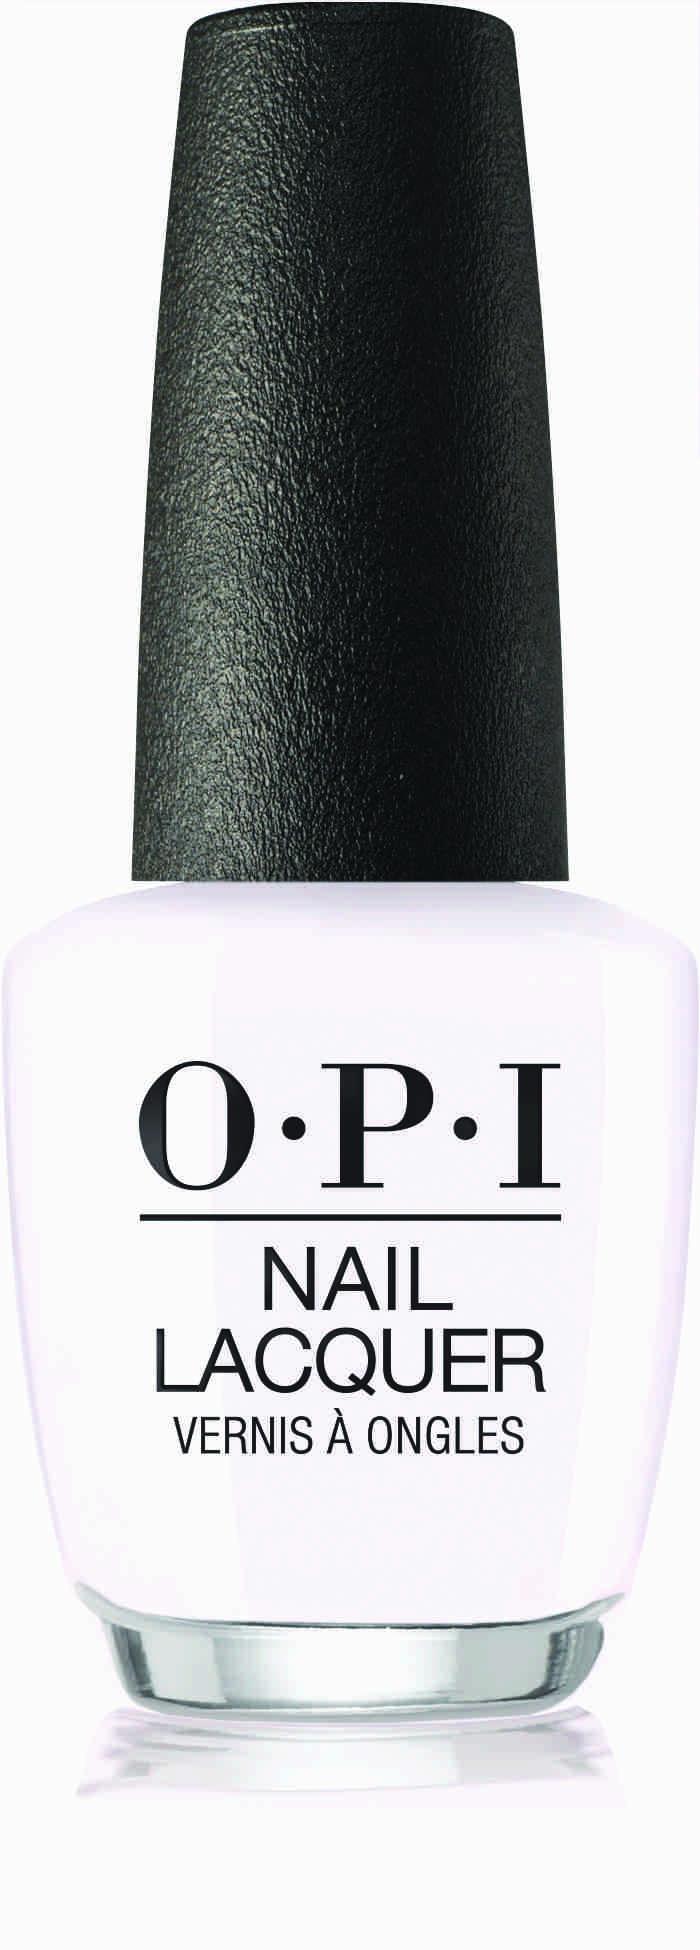 OPI Nail